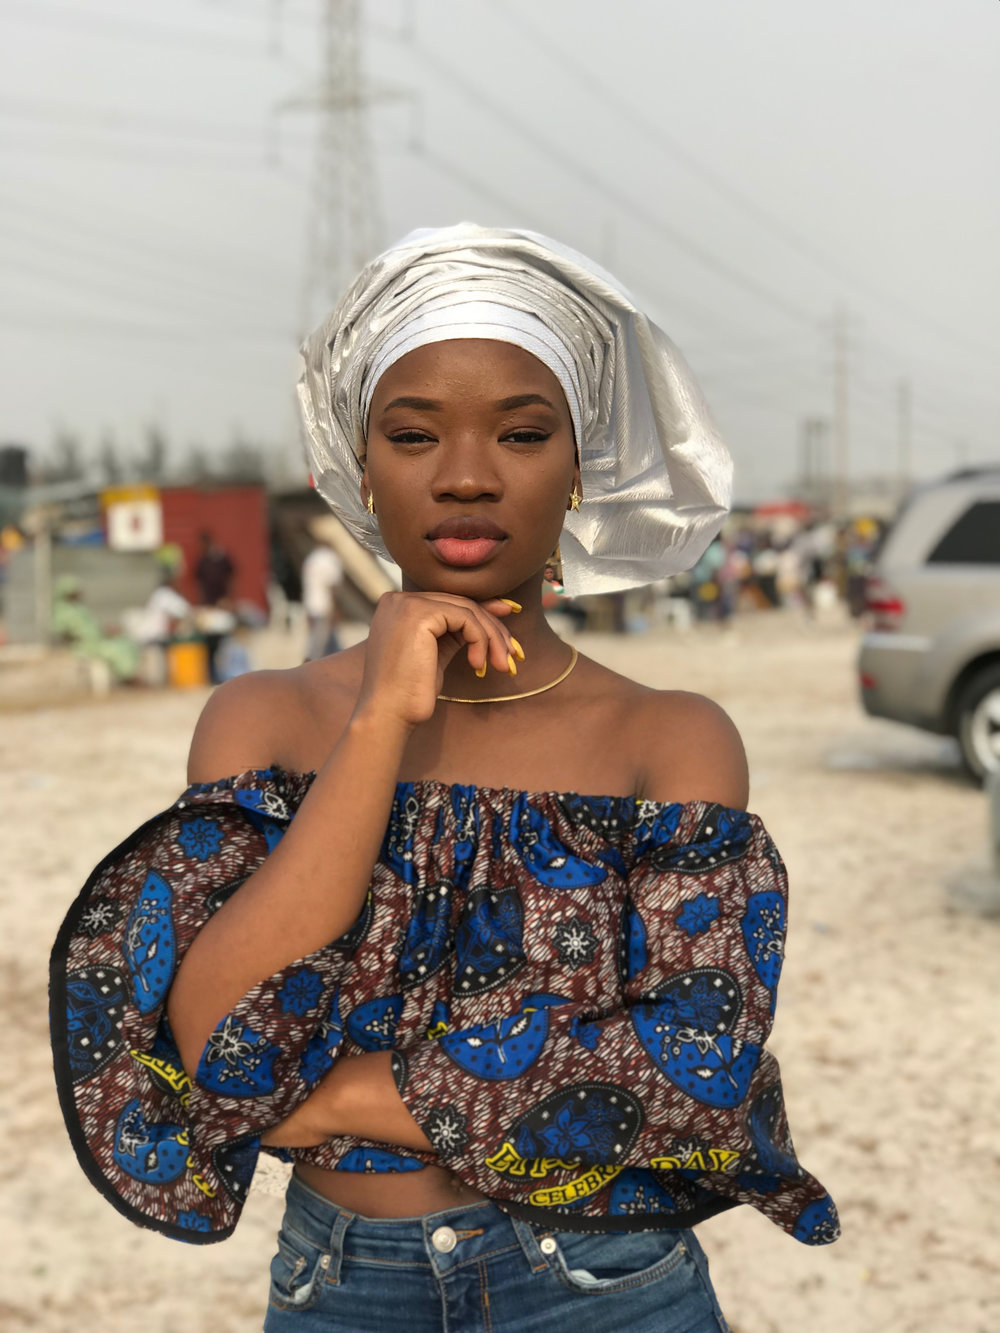 Visiting Nigeria